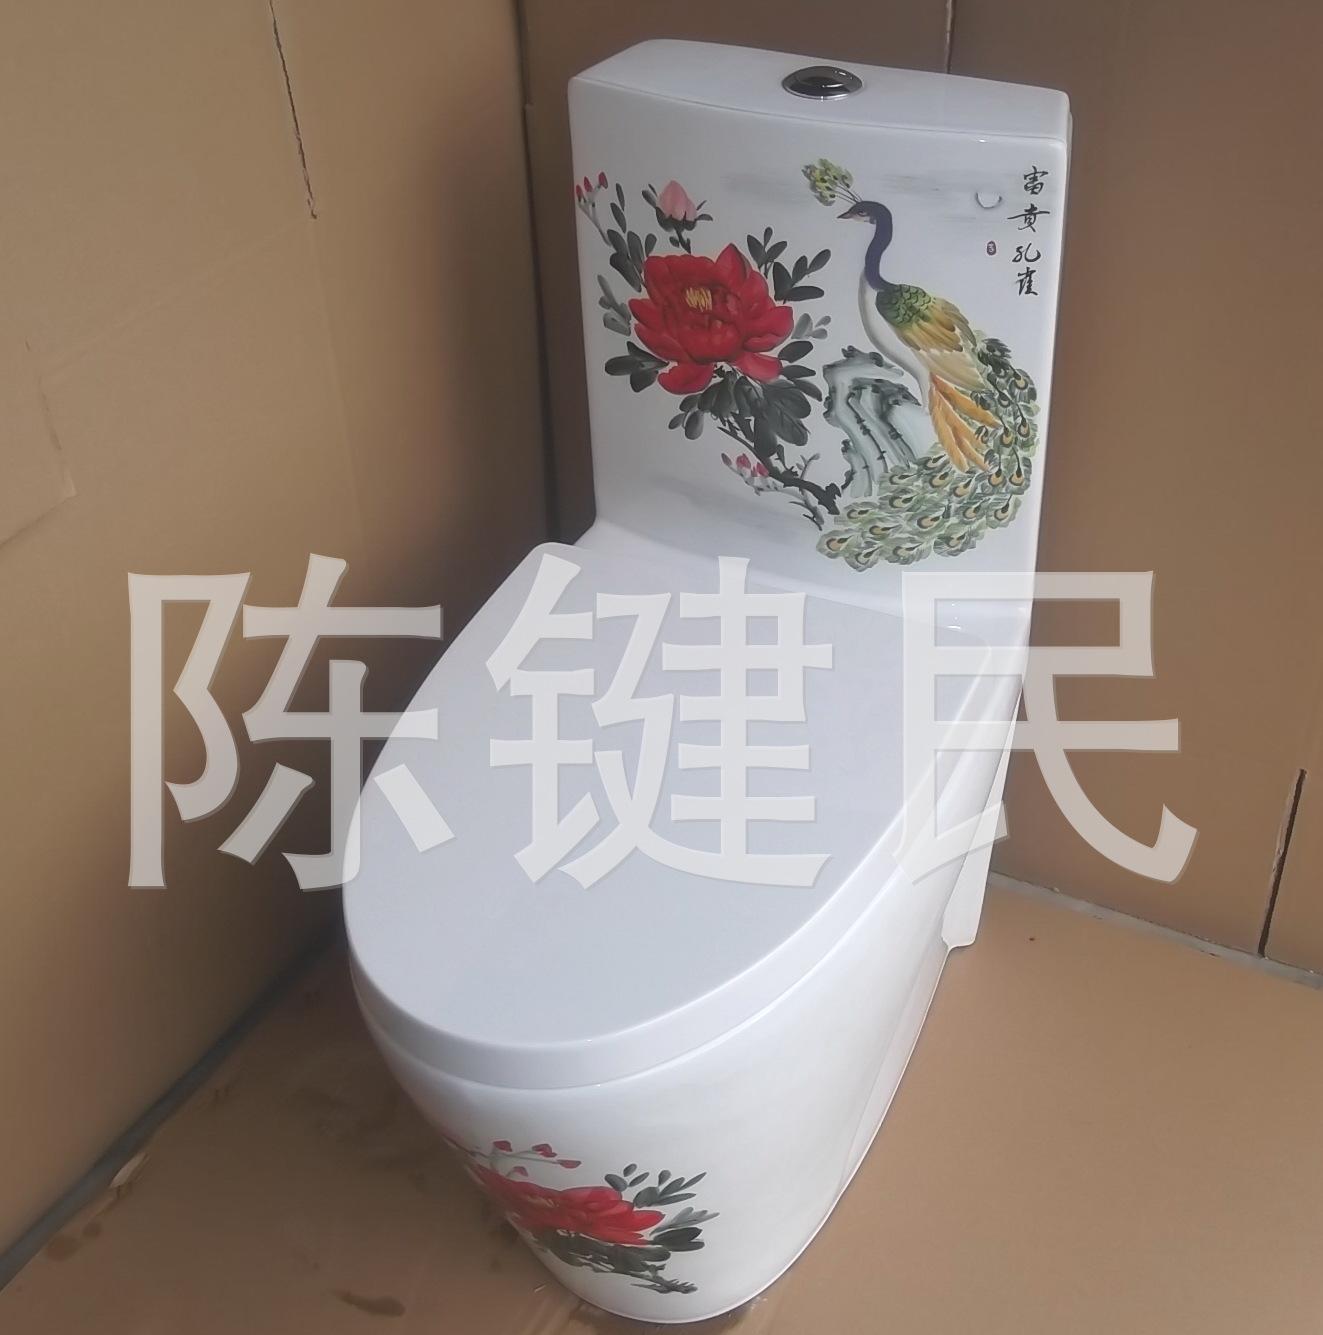 陶瓷马桶 节水马桶 好看好用精致节水陶瓷马桶1111 阿里巴巴